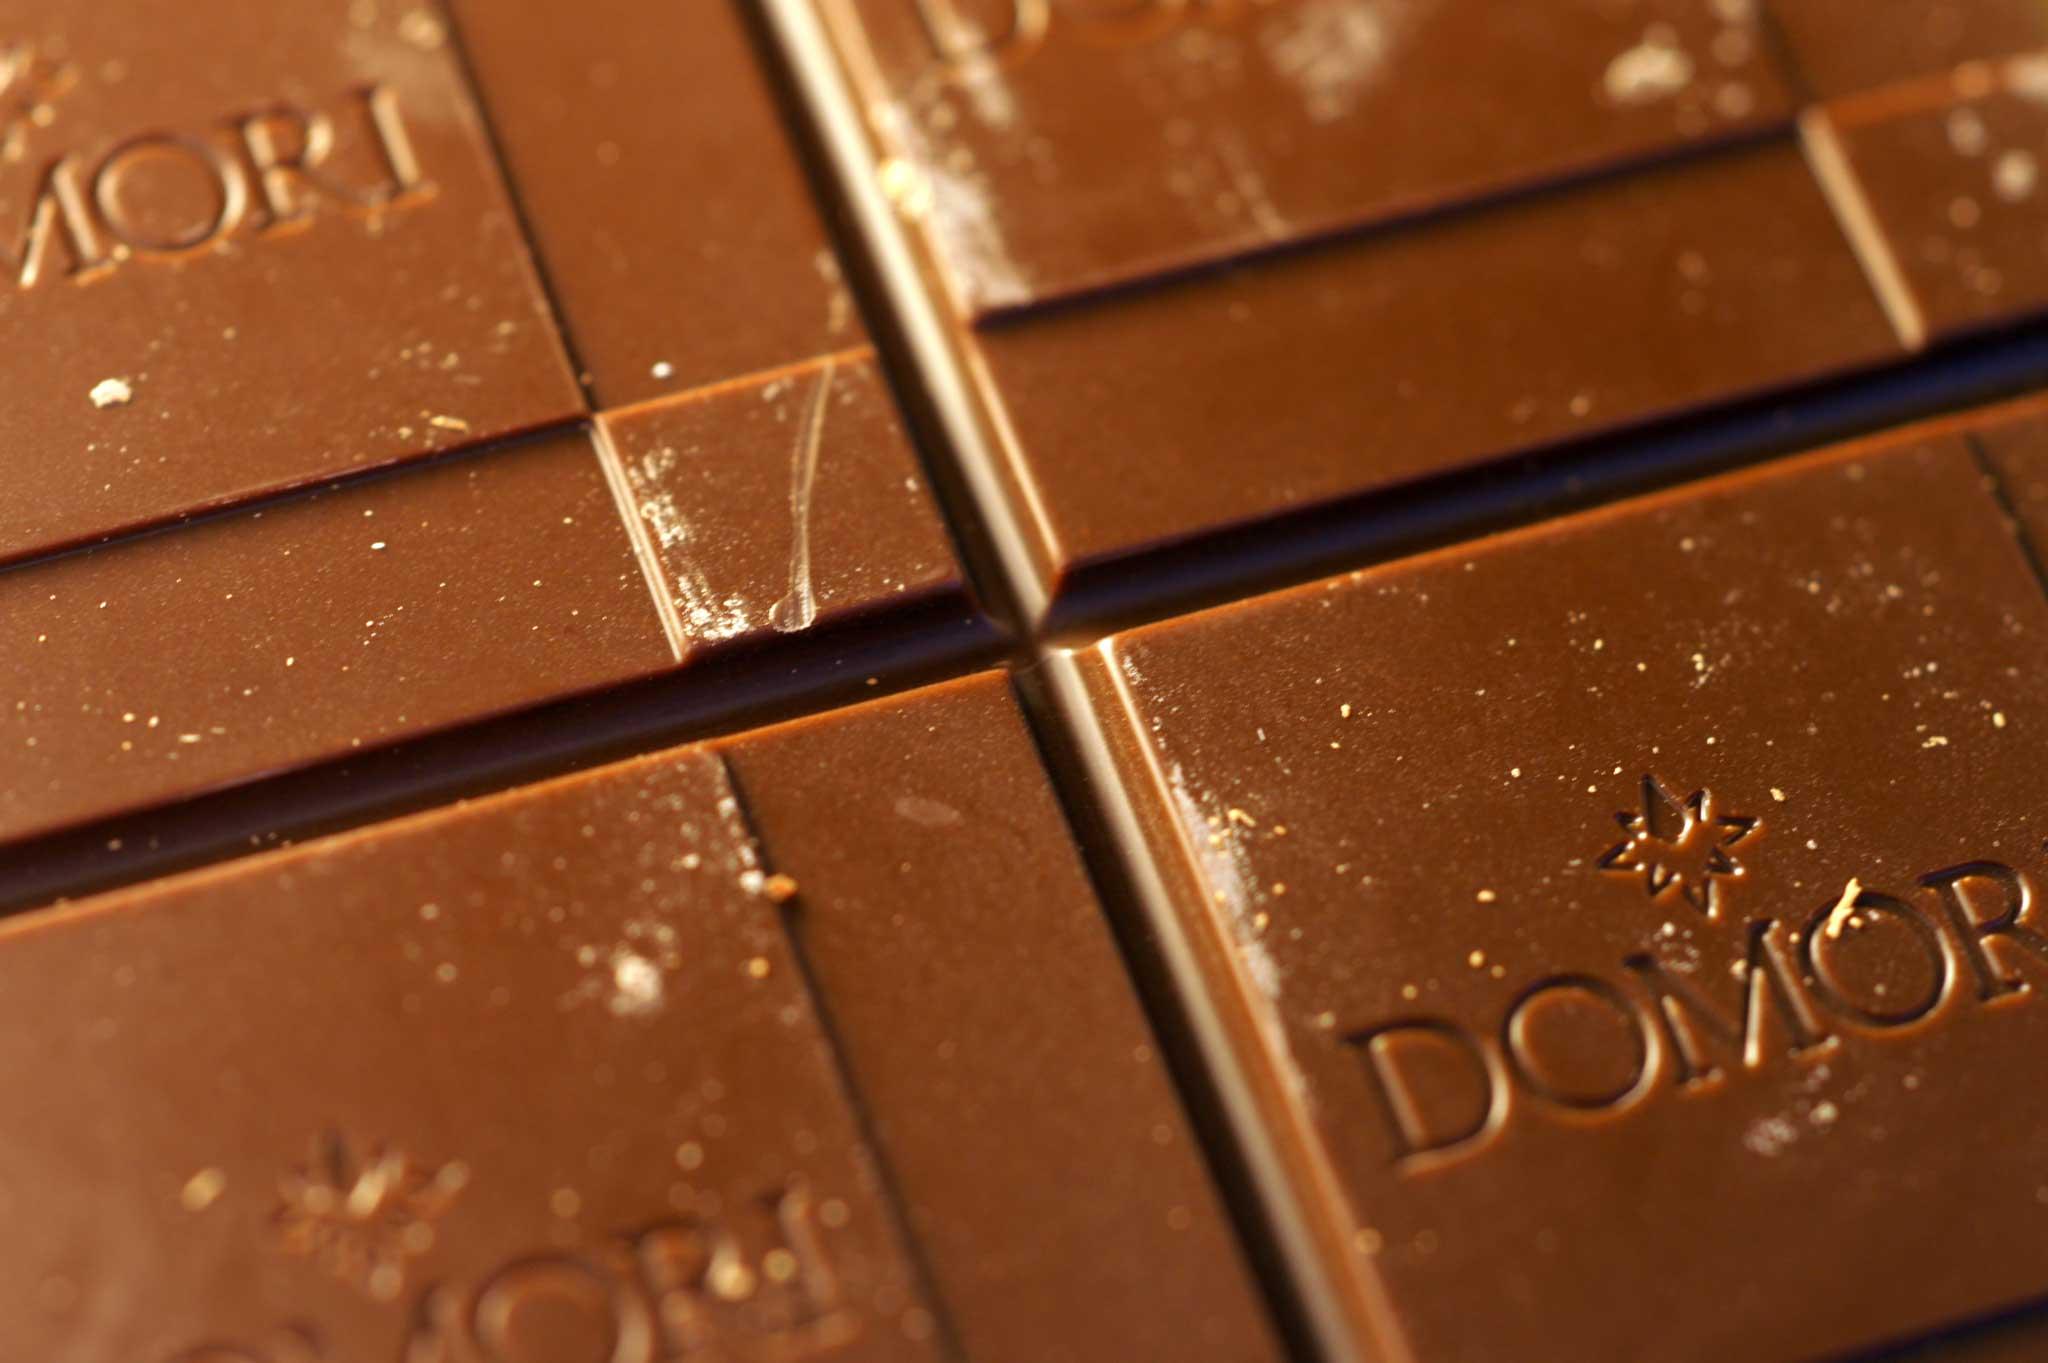 domori cioccolato